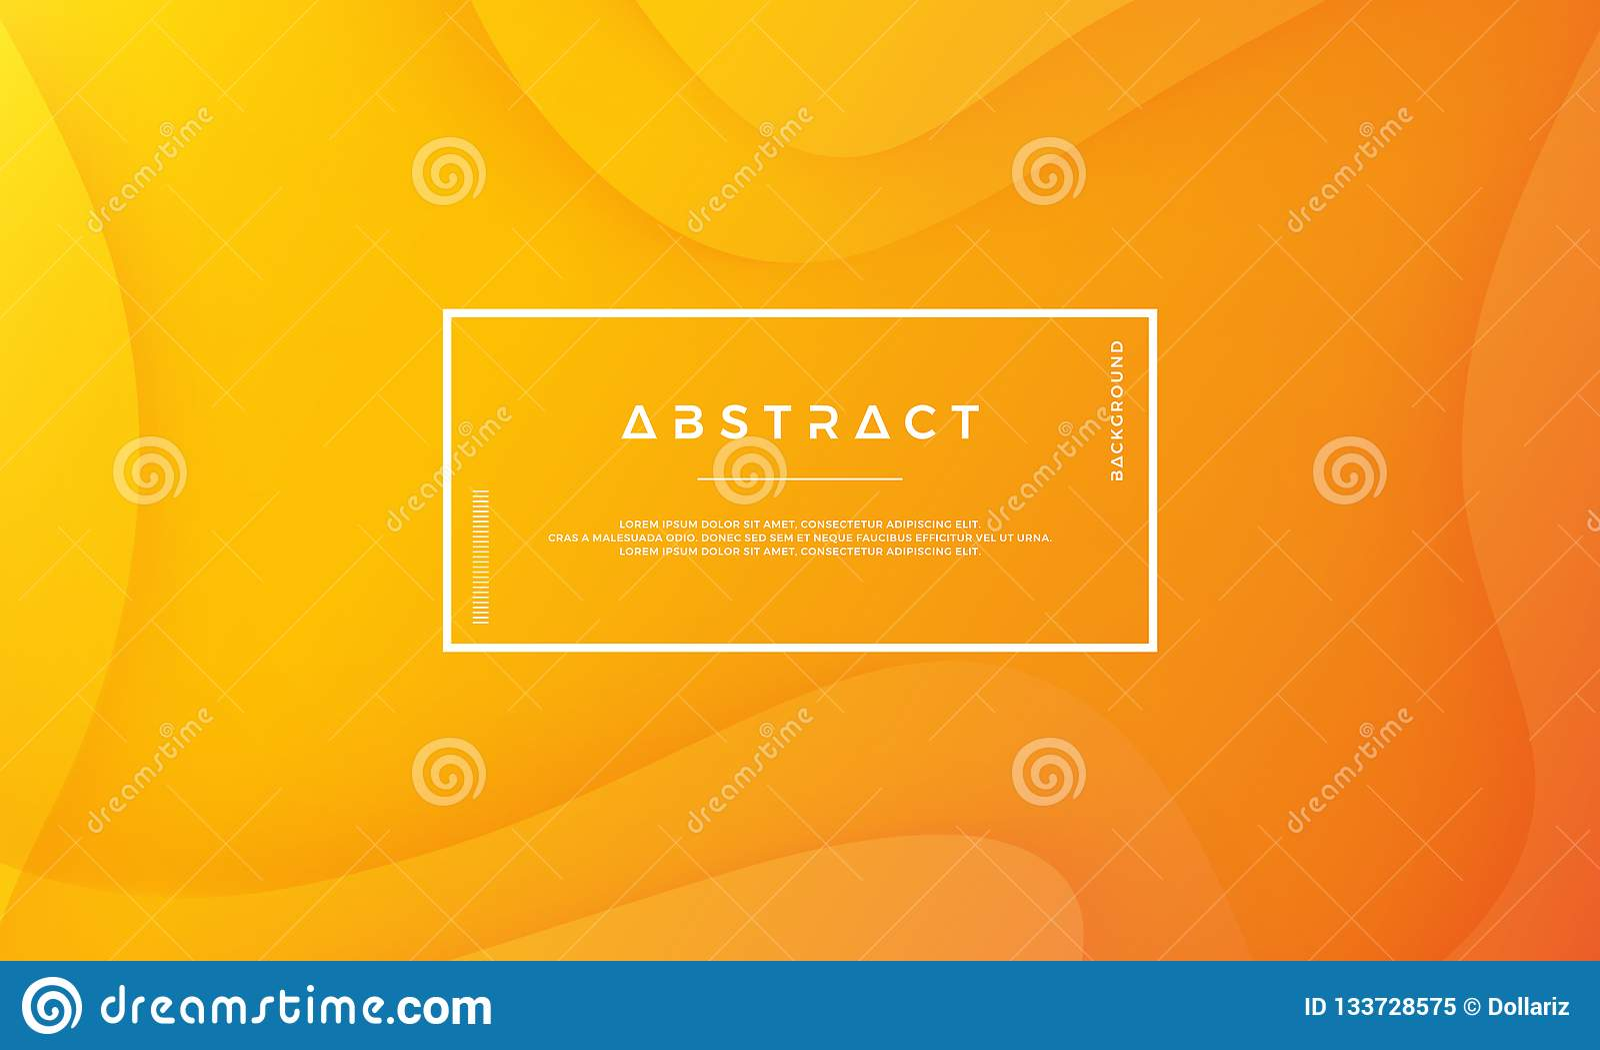 Оранжевая абстрактная предпосылка соответствующая для сети, заголовка, крышки, брошюры, знамени сети и других